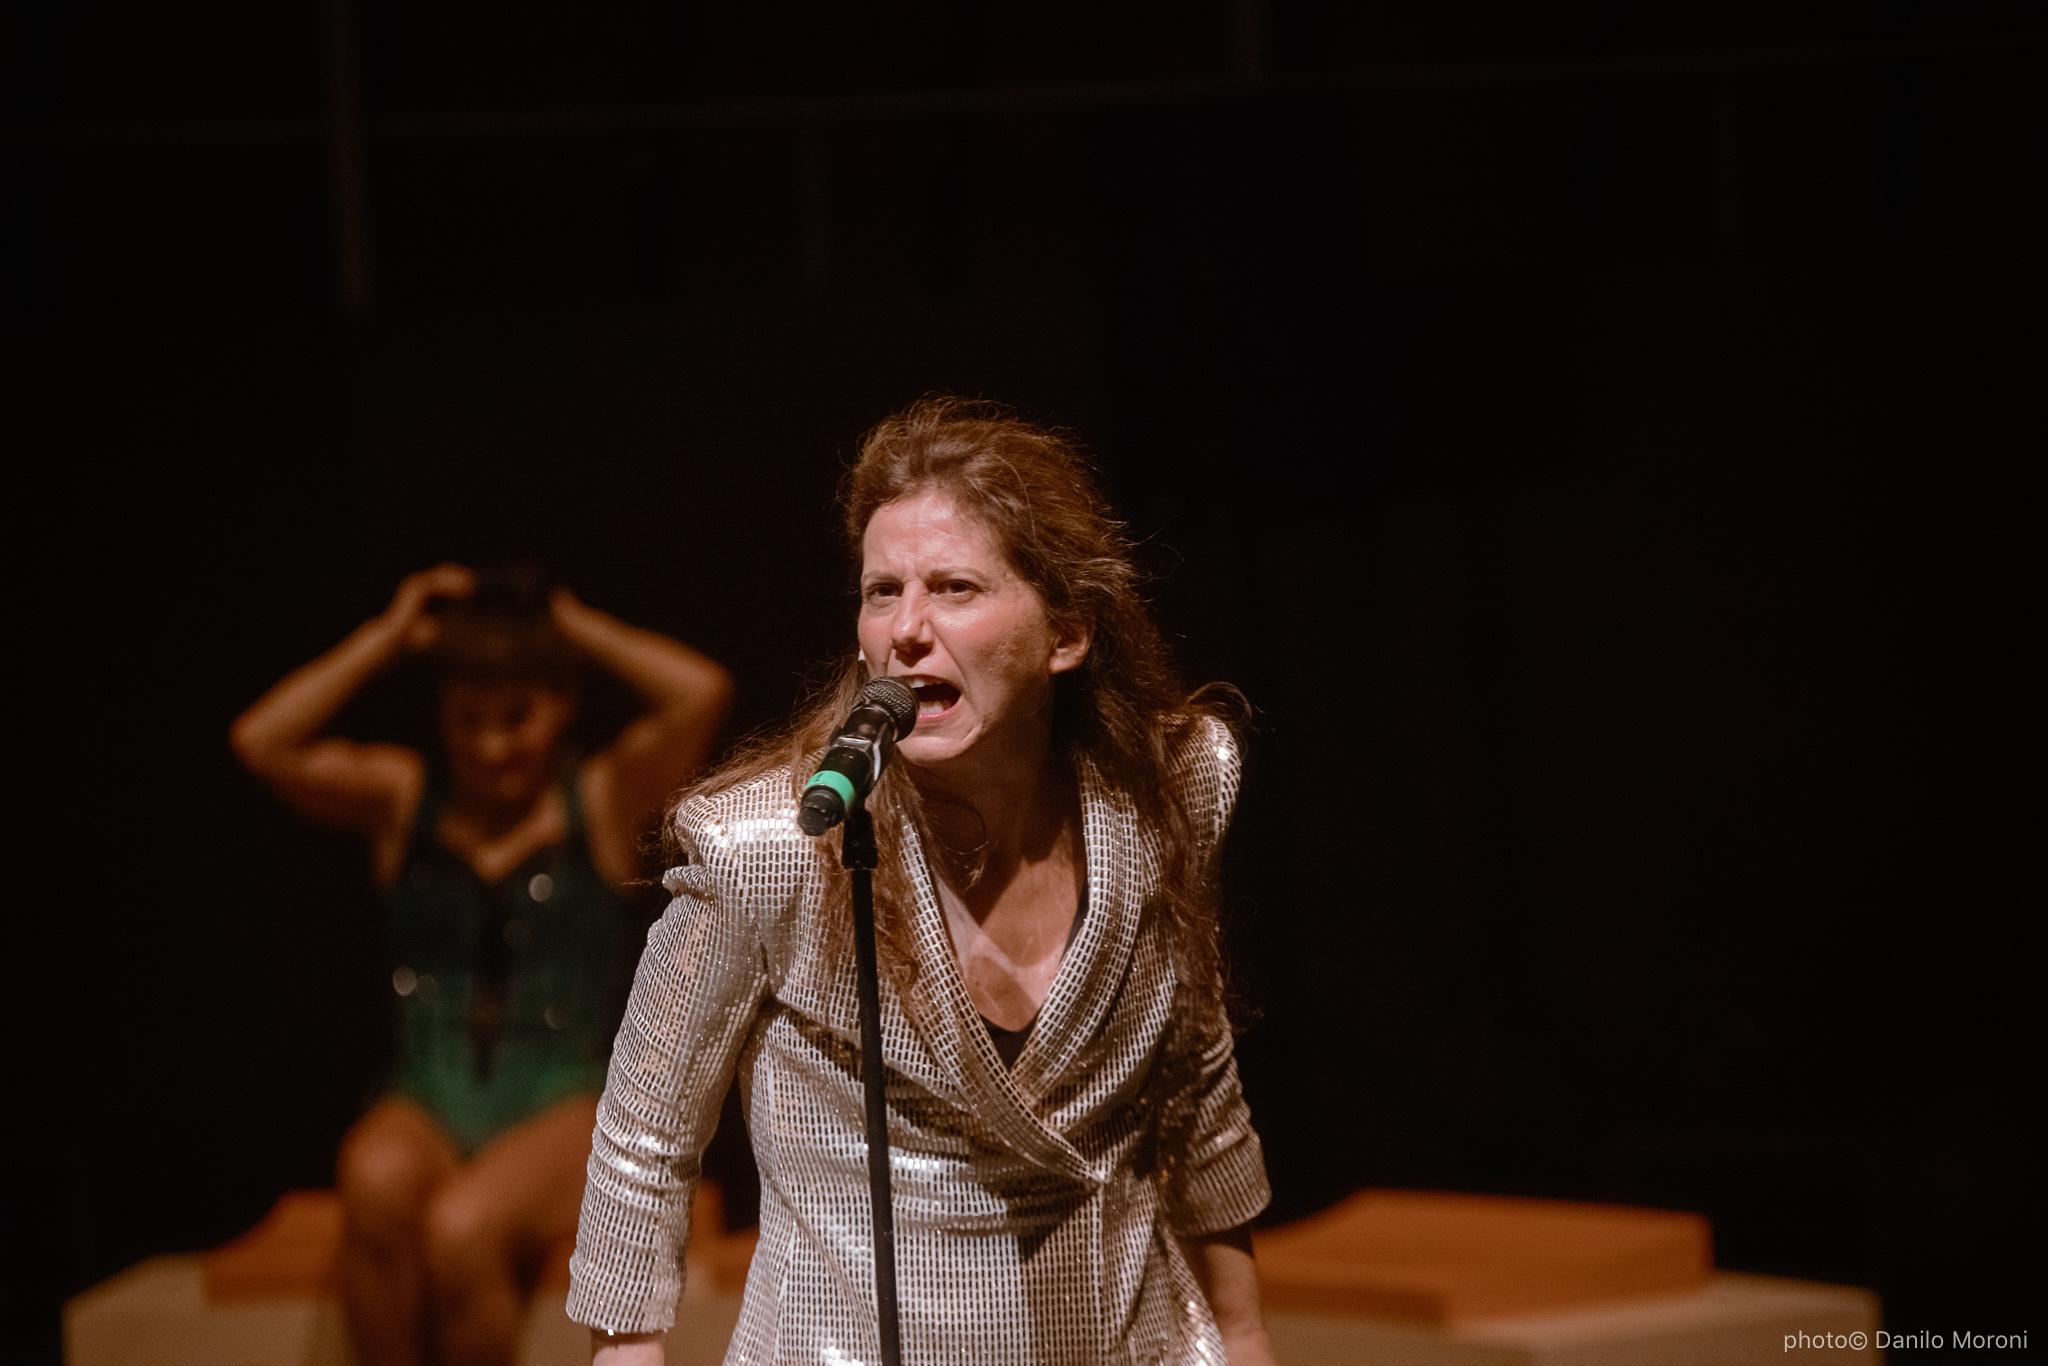 Teatro-en-vilo-Circo-Price-Miss-Mara-photo-Danilo-Moroni-193.jpg